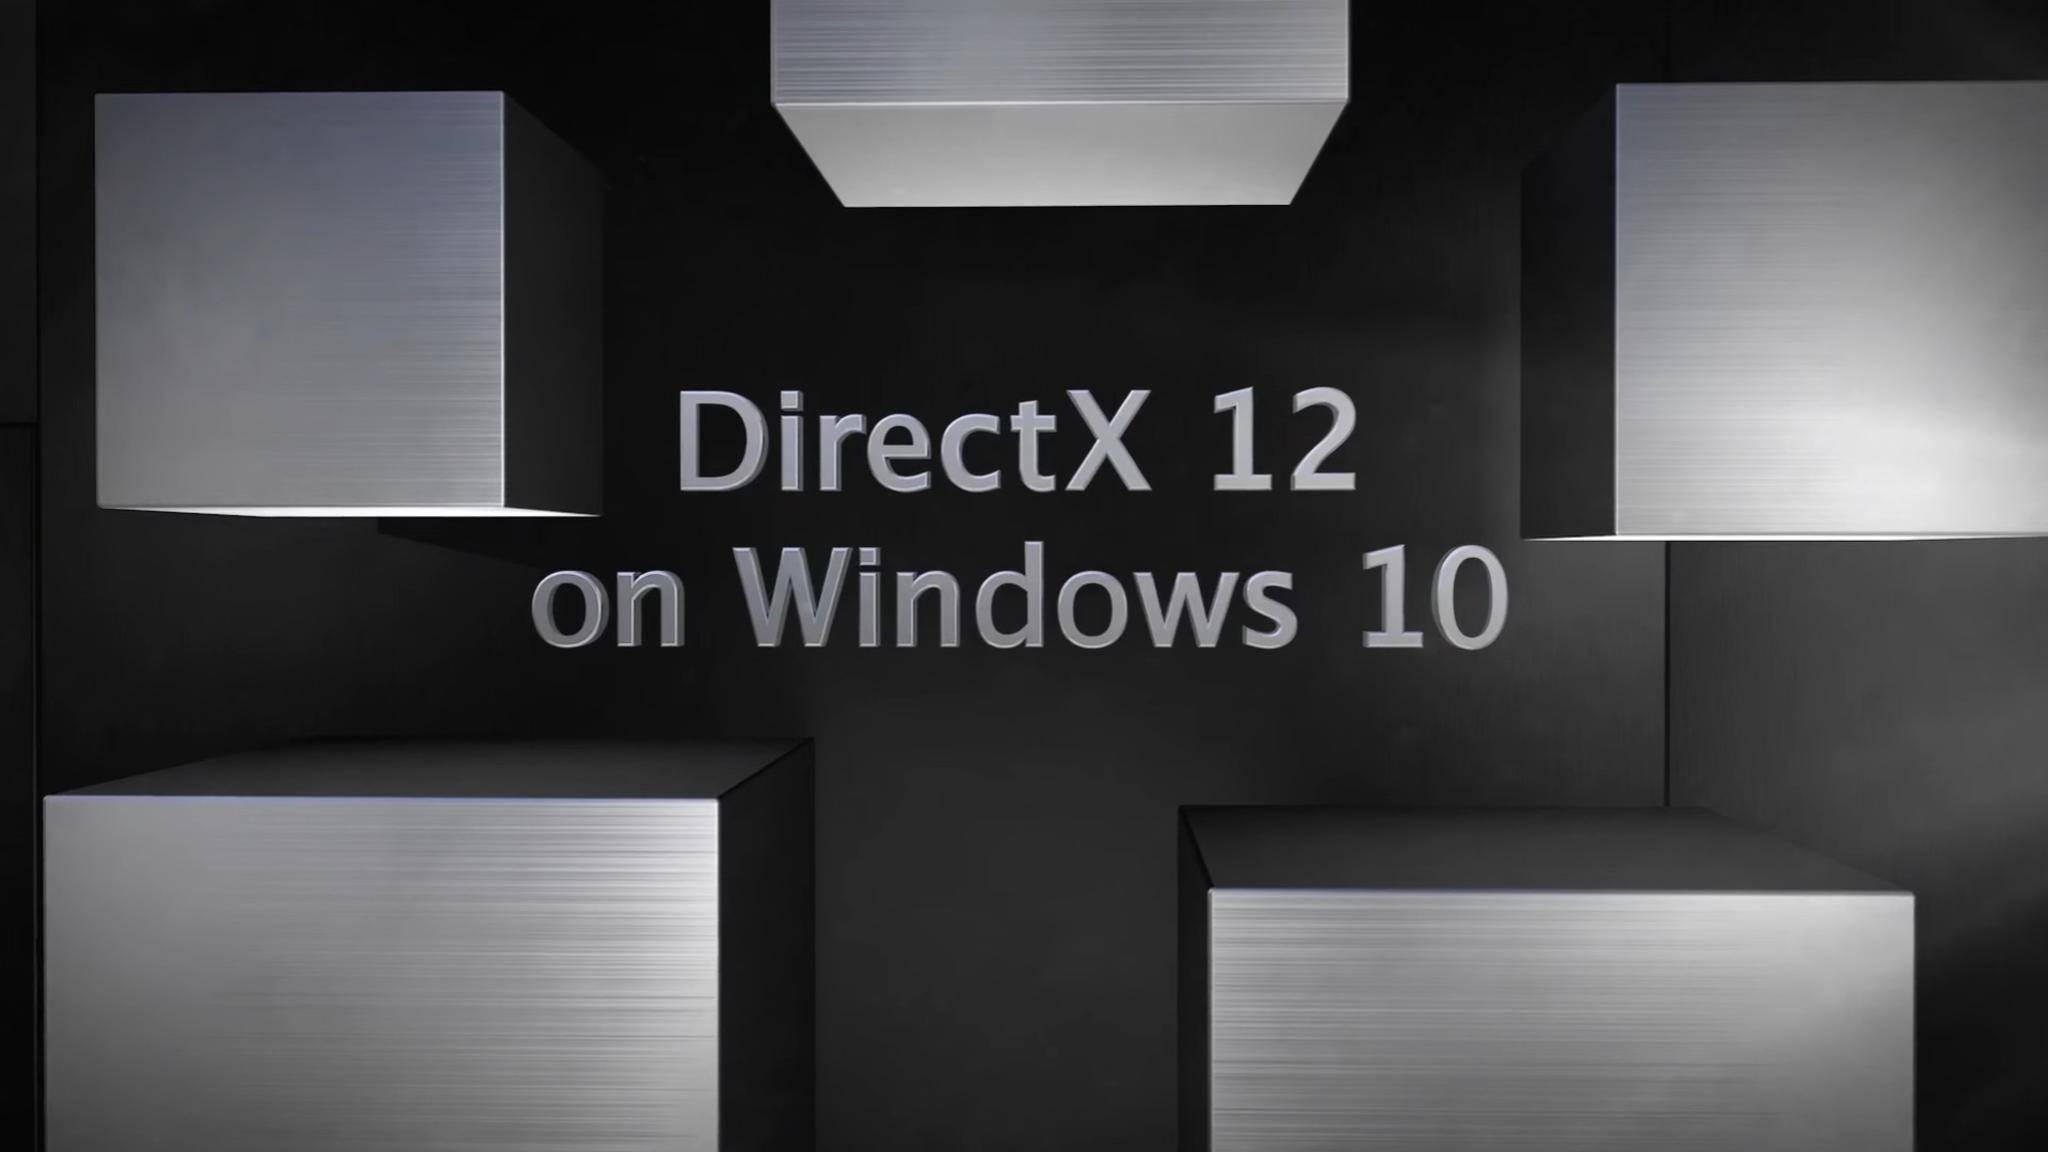 DirectX 12 bietet noch keinen allzu großen Mehrwert, aber die Karte ist zukunftsfähiger mit der aktuellen Grafikschnittstelle.